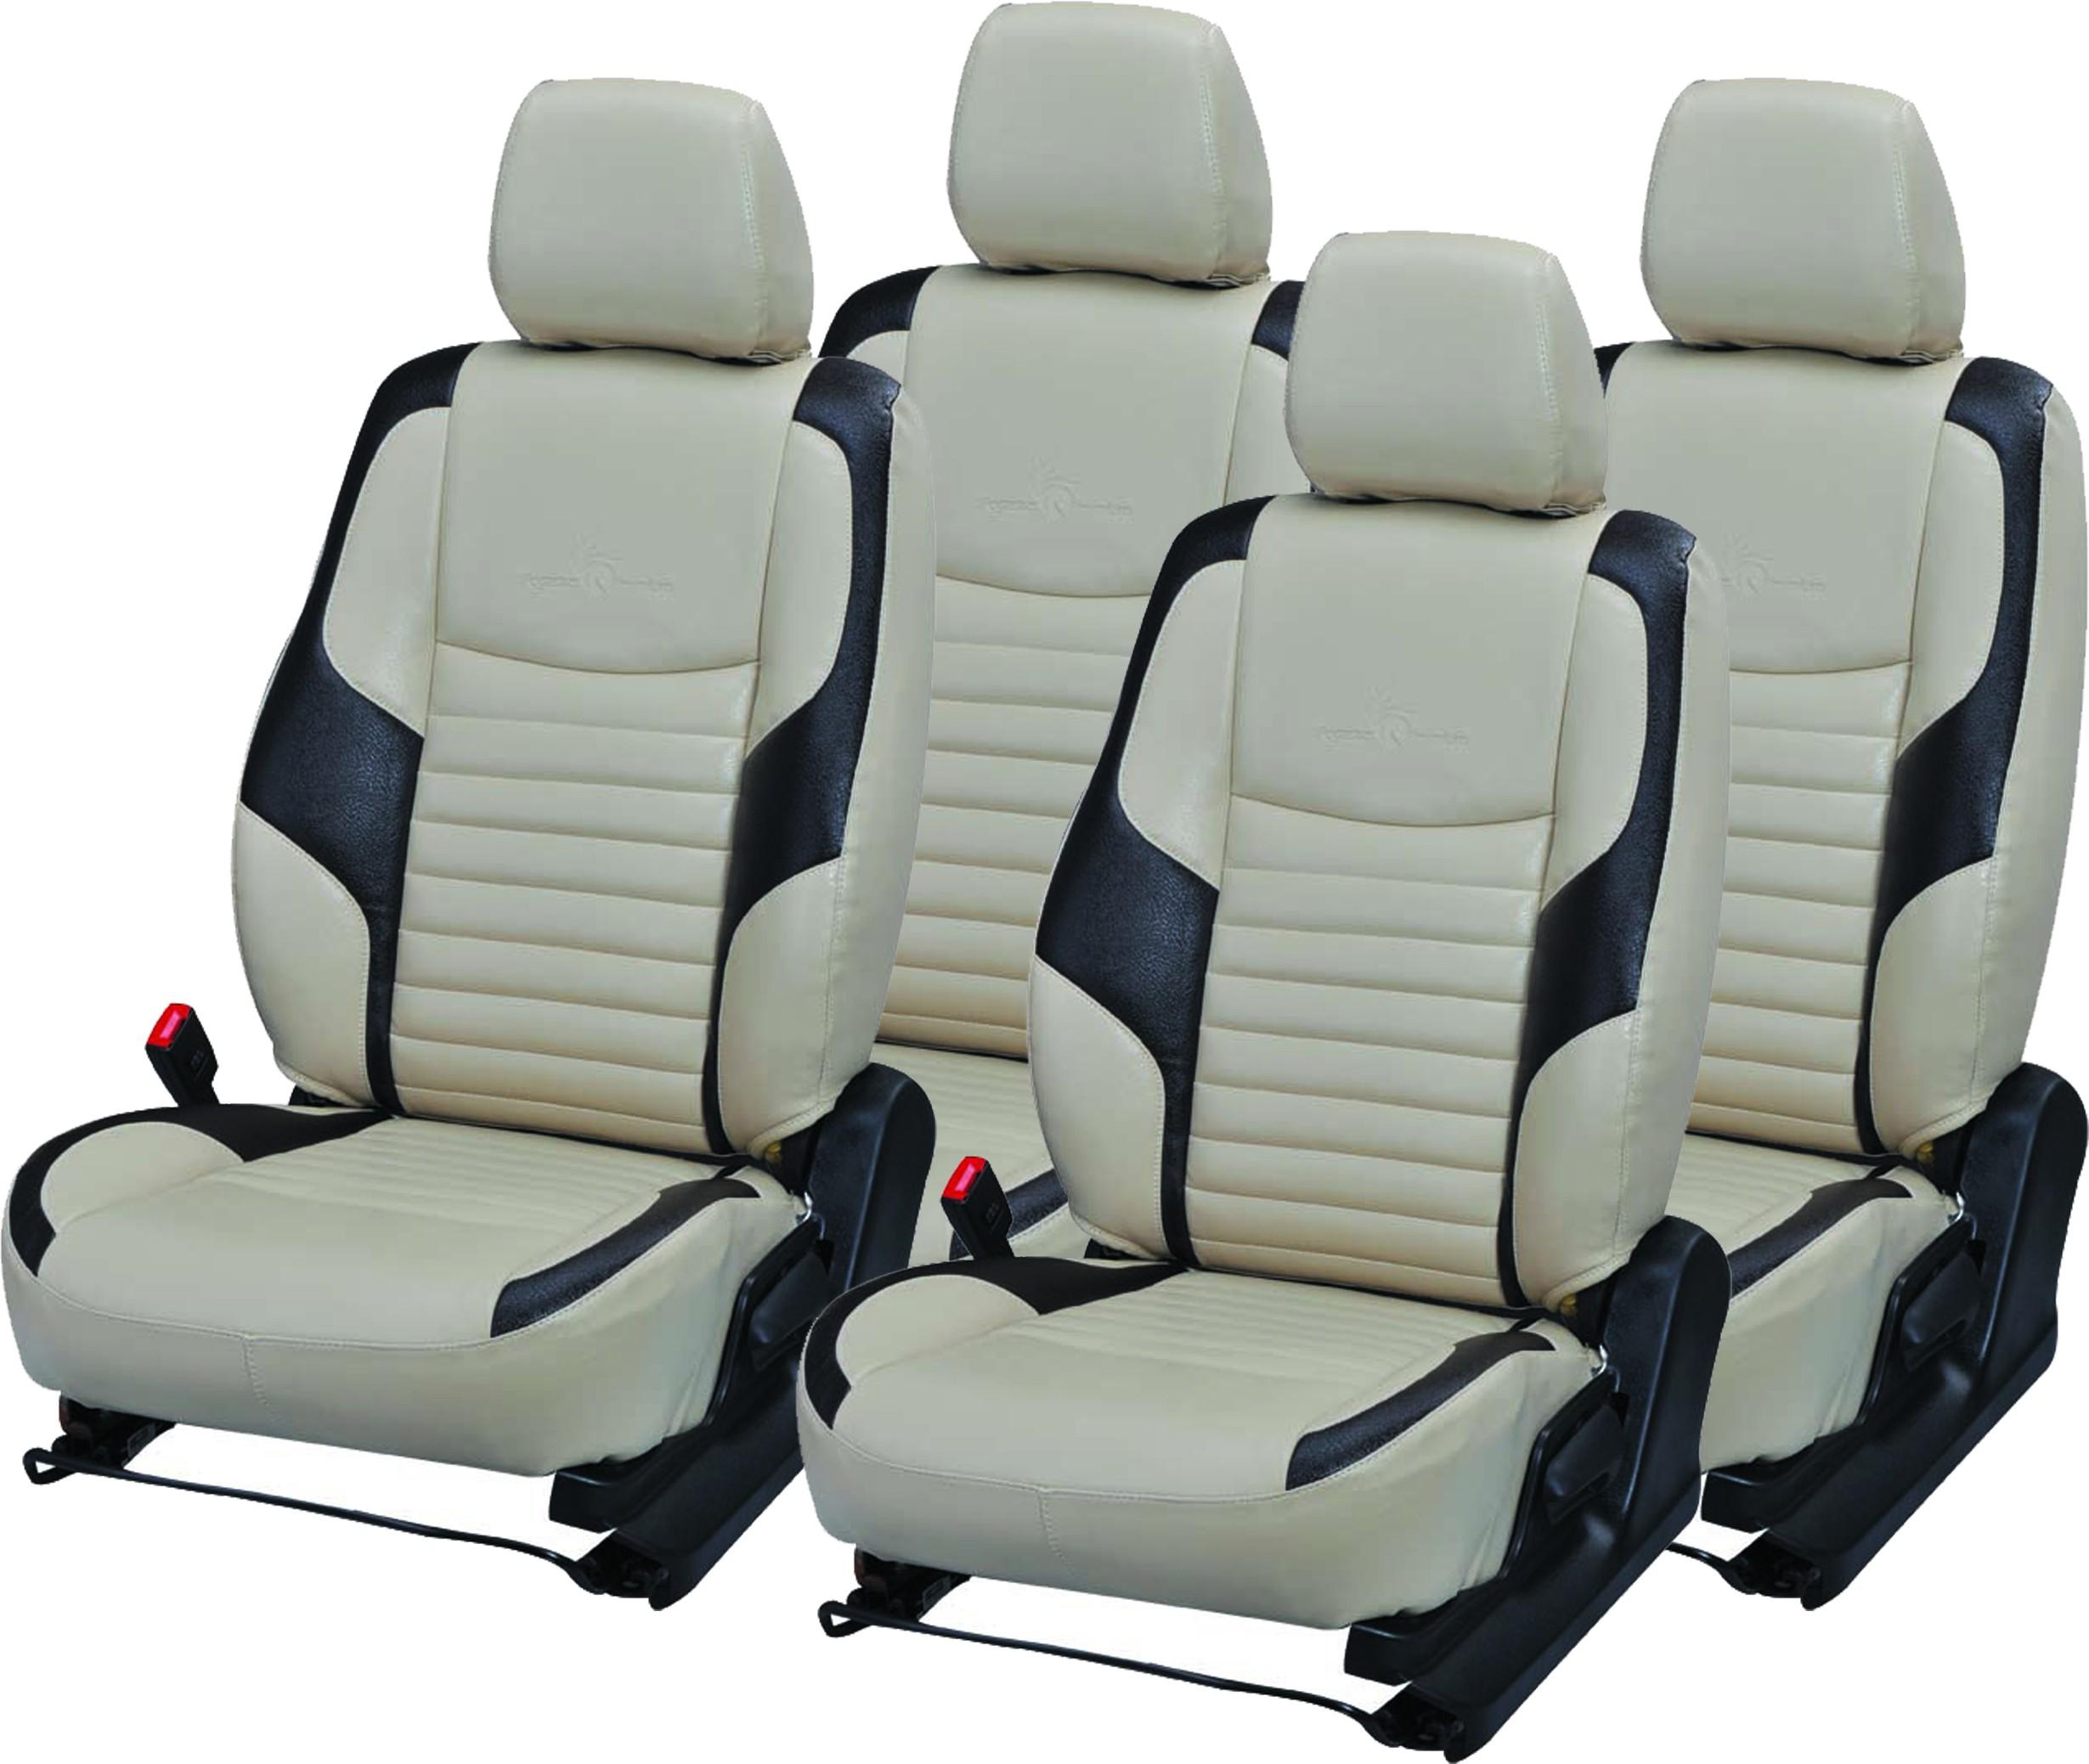 pegasus premium leatherette car seat cover for maruti celerio price in india. Black Bedroom Furniture Sets. Home Design Ideas